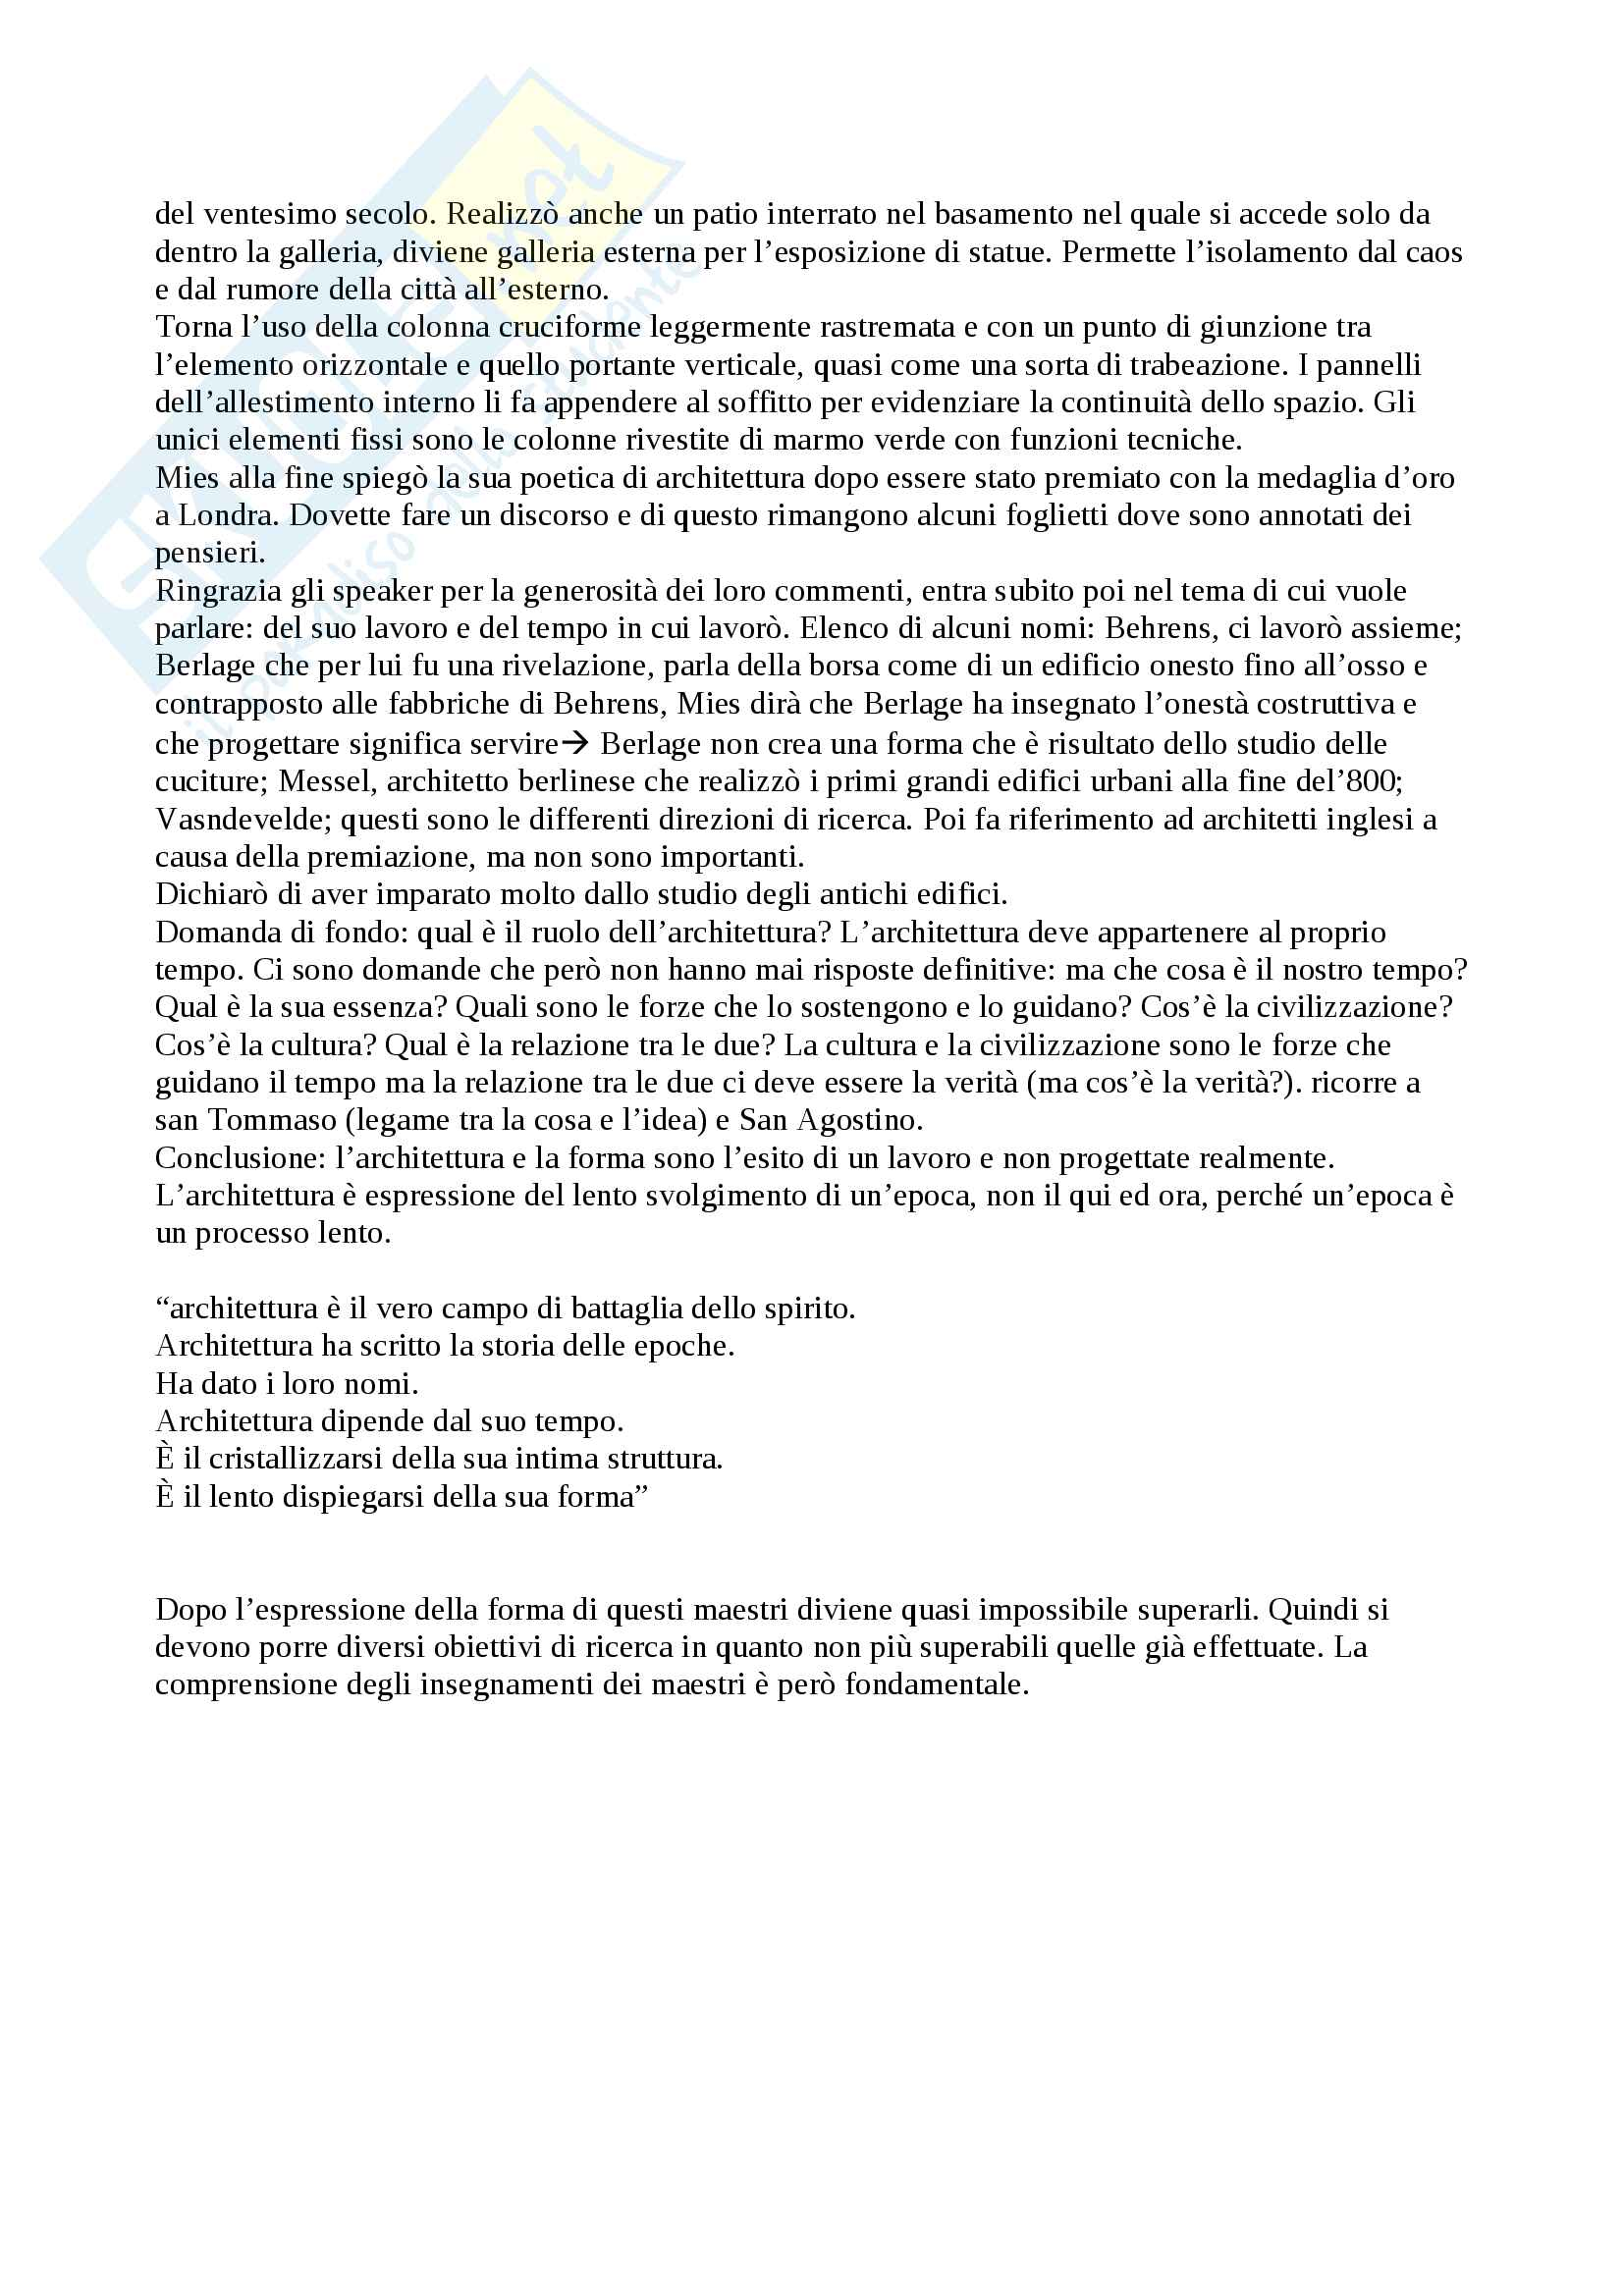 Appunti di storia dell'architettura contemporanea Pag. 56